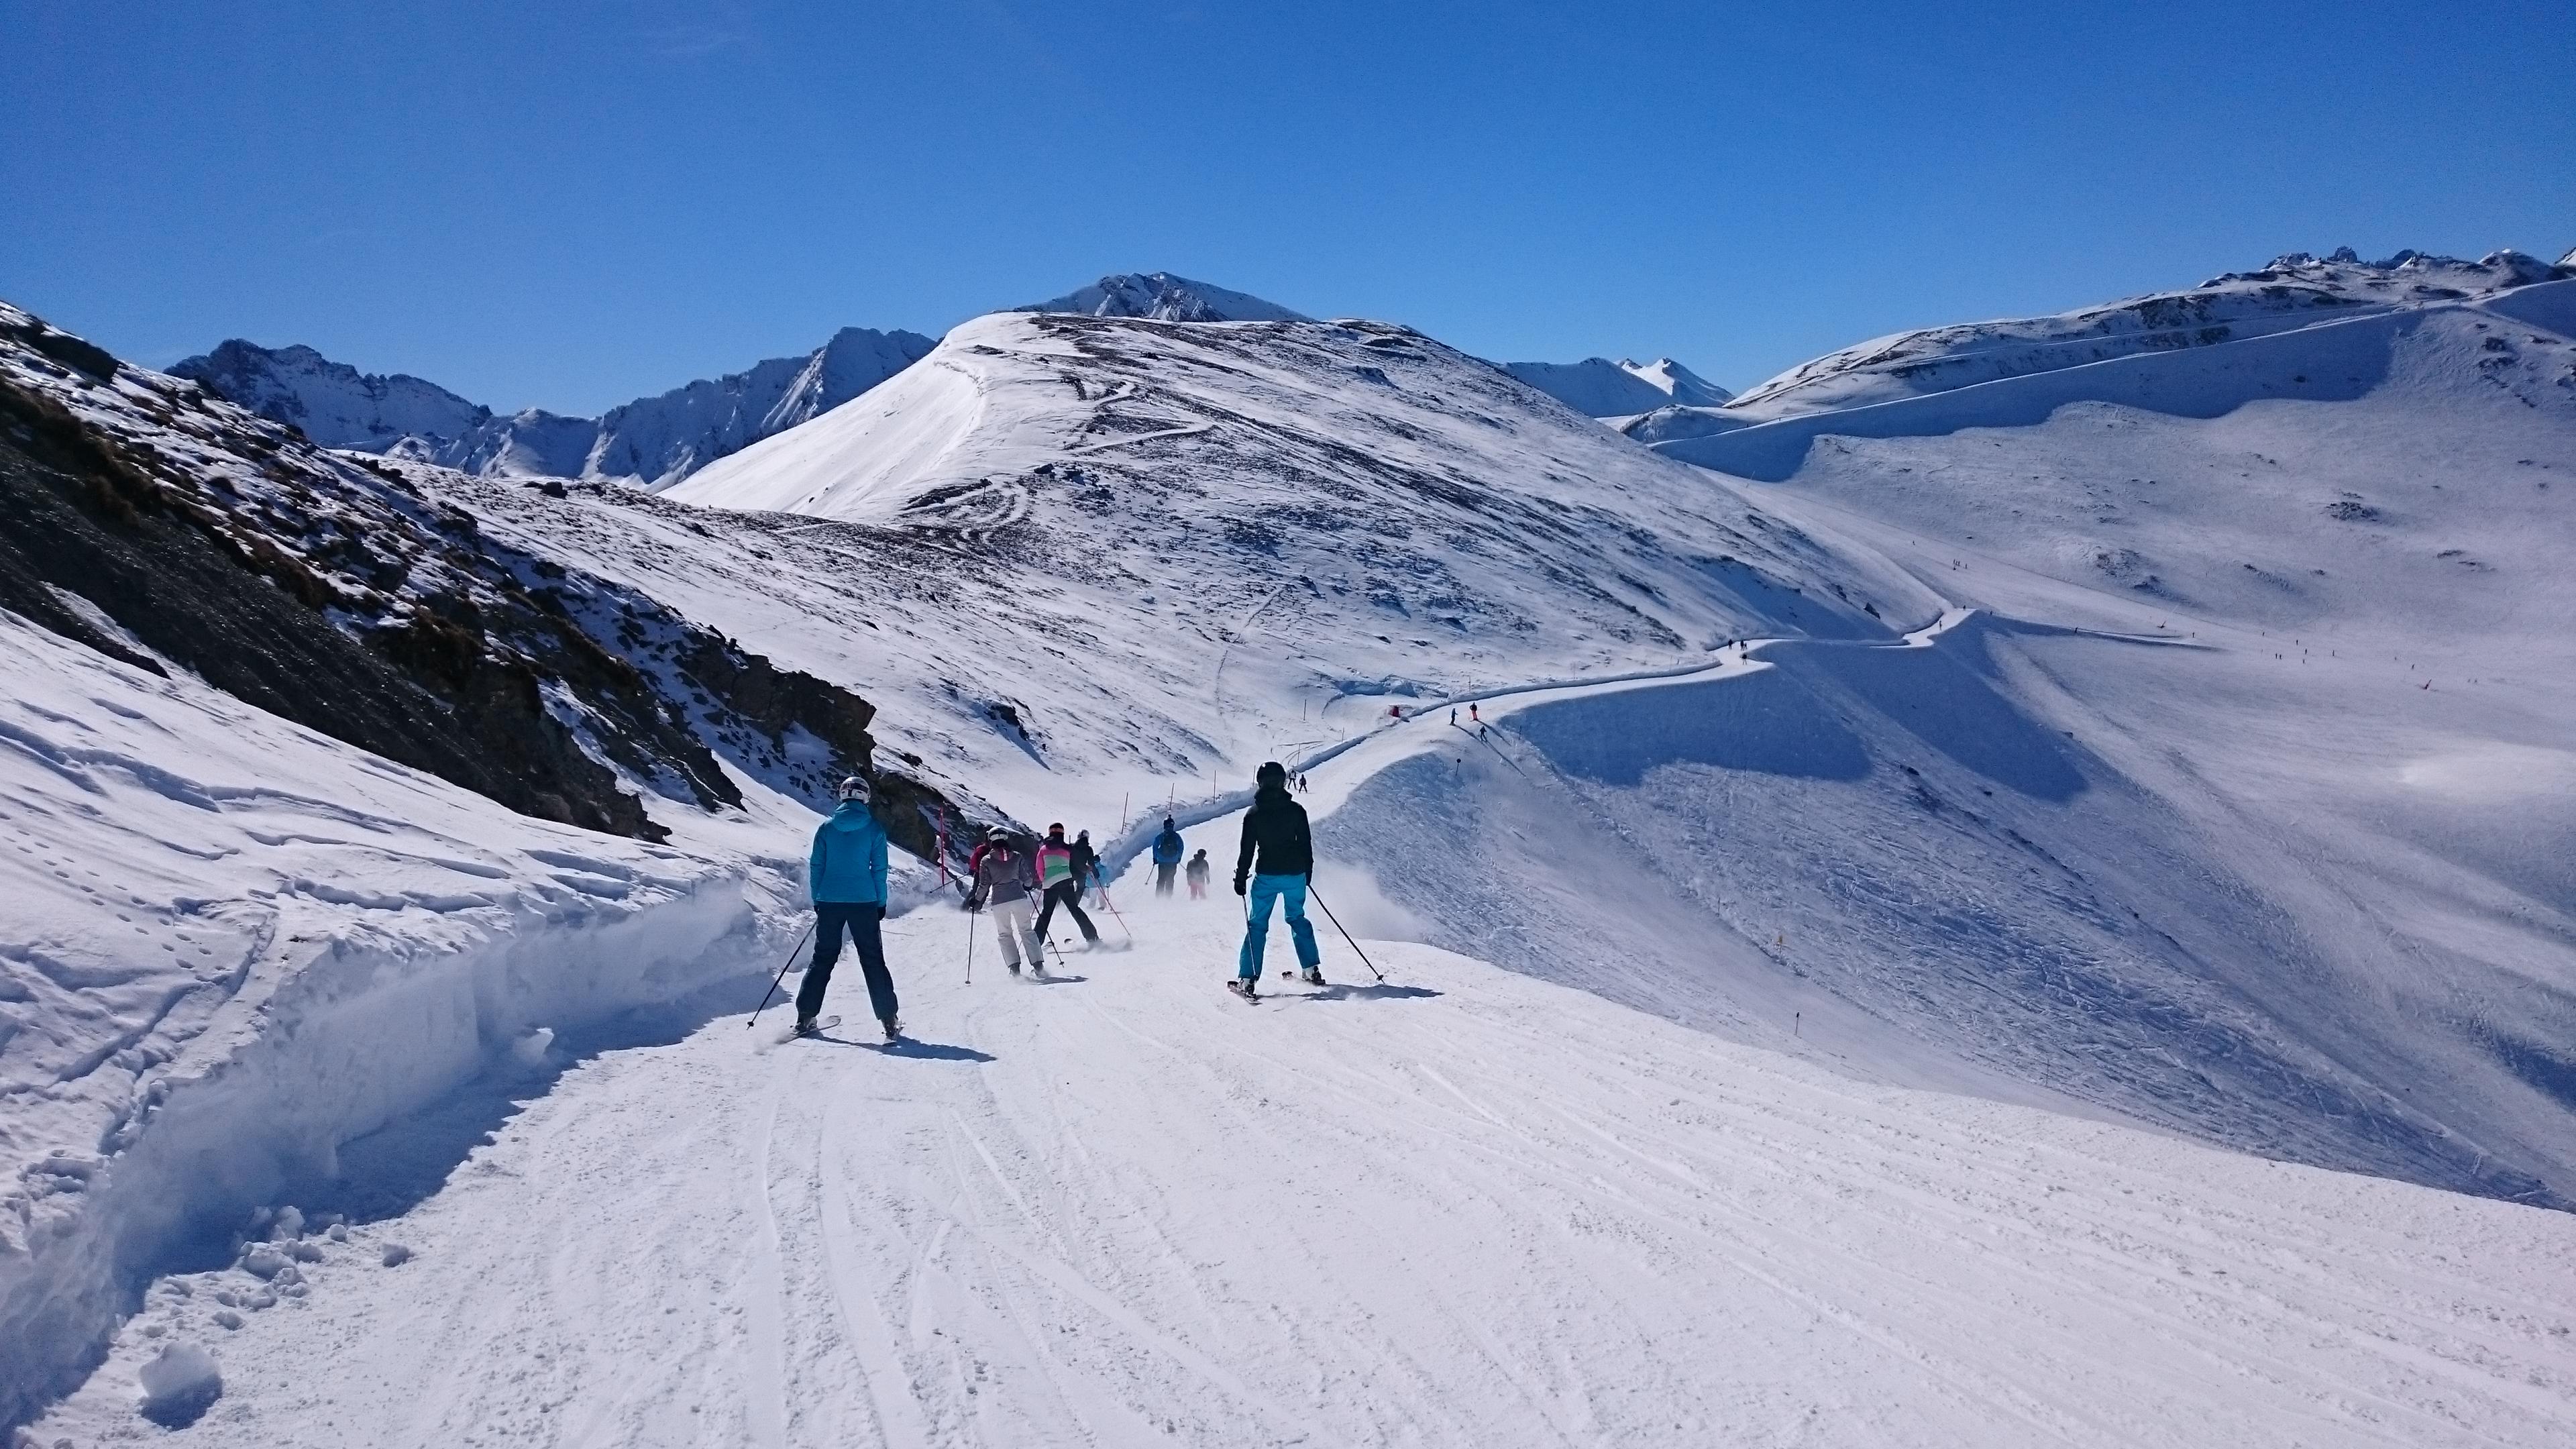 Anpassen der Geschwindigkeit - Wahrheitsfrage bei Skiunfällen